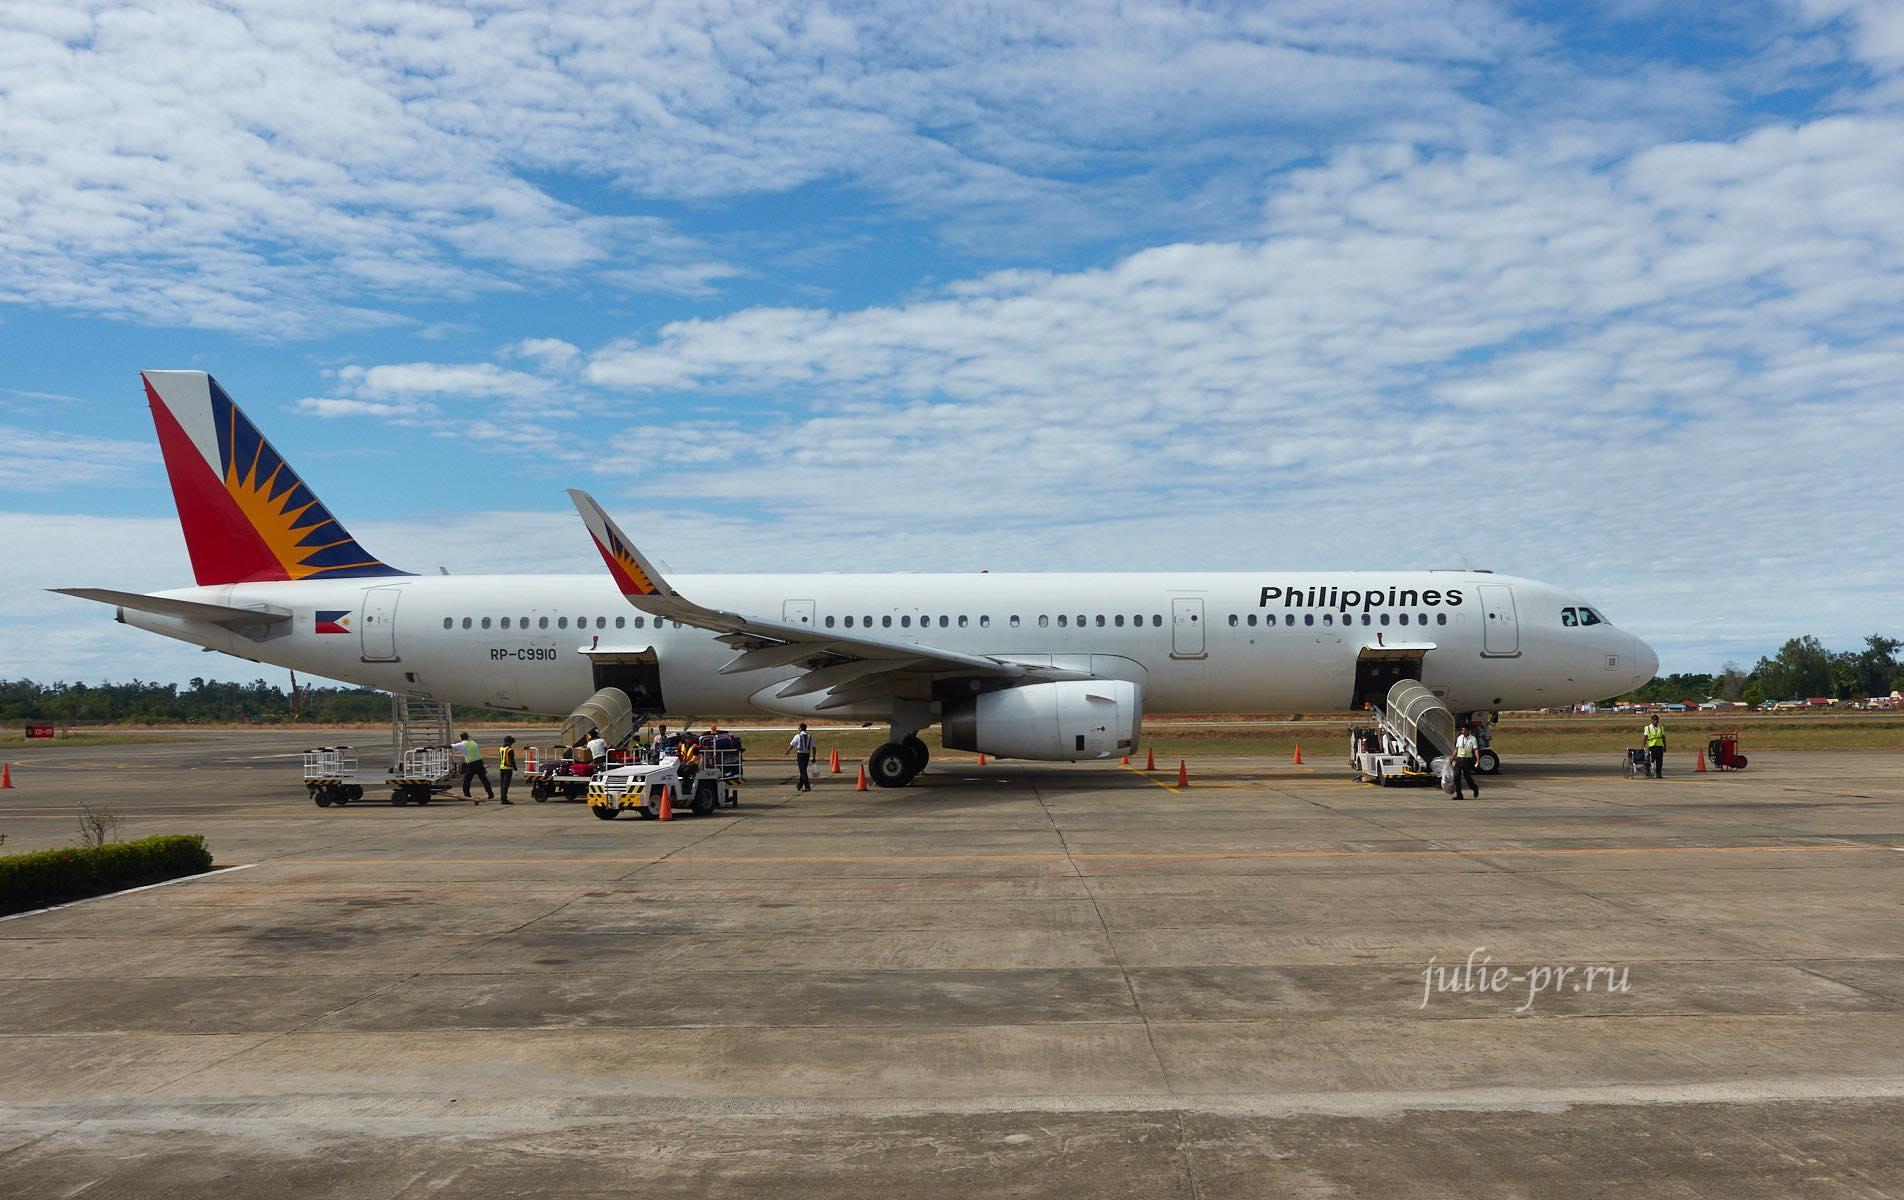 Филиппины, Лаоаг, аэропорт, Philippine Airlines